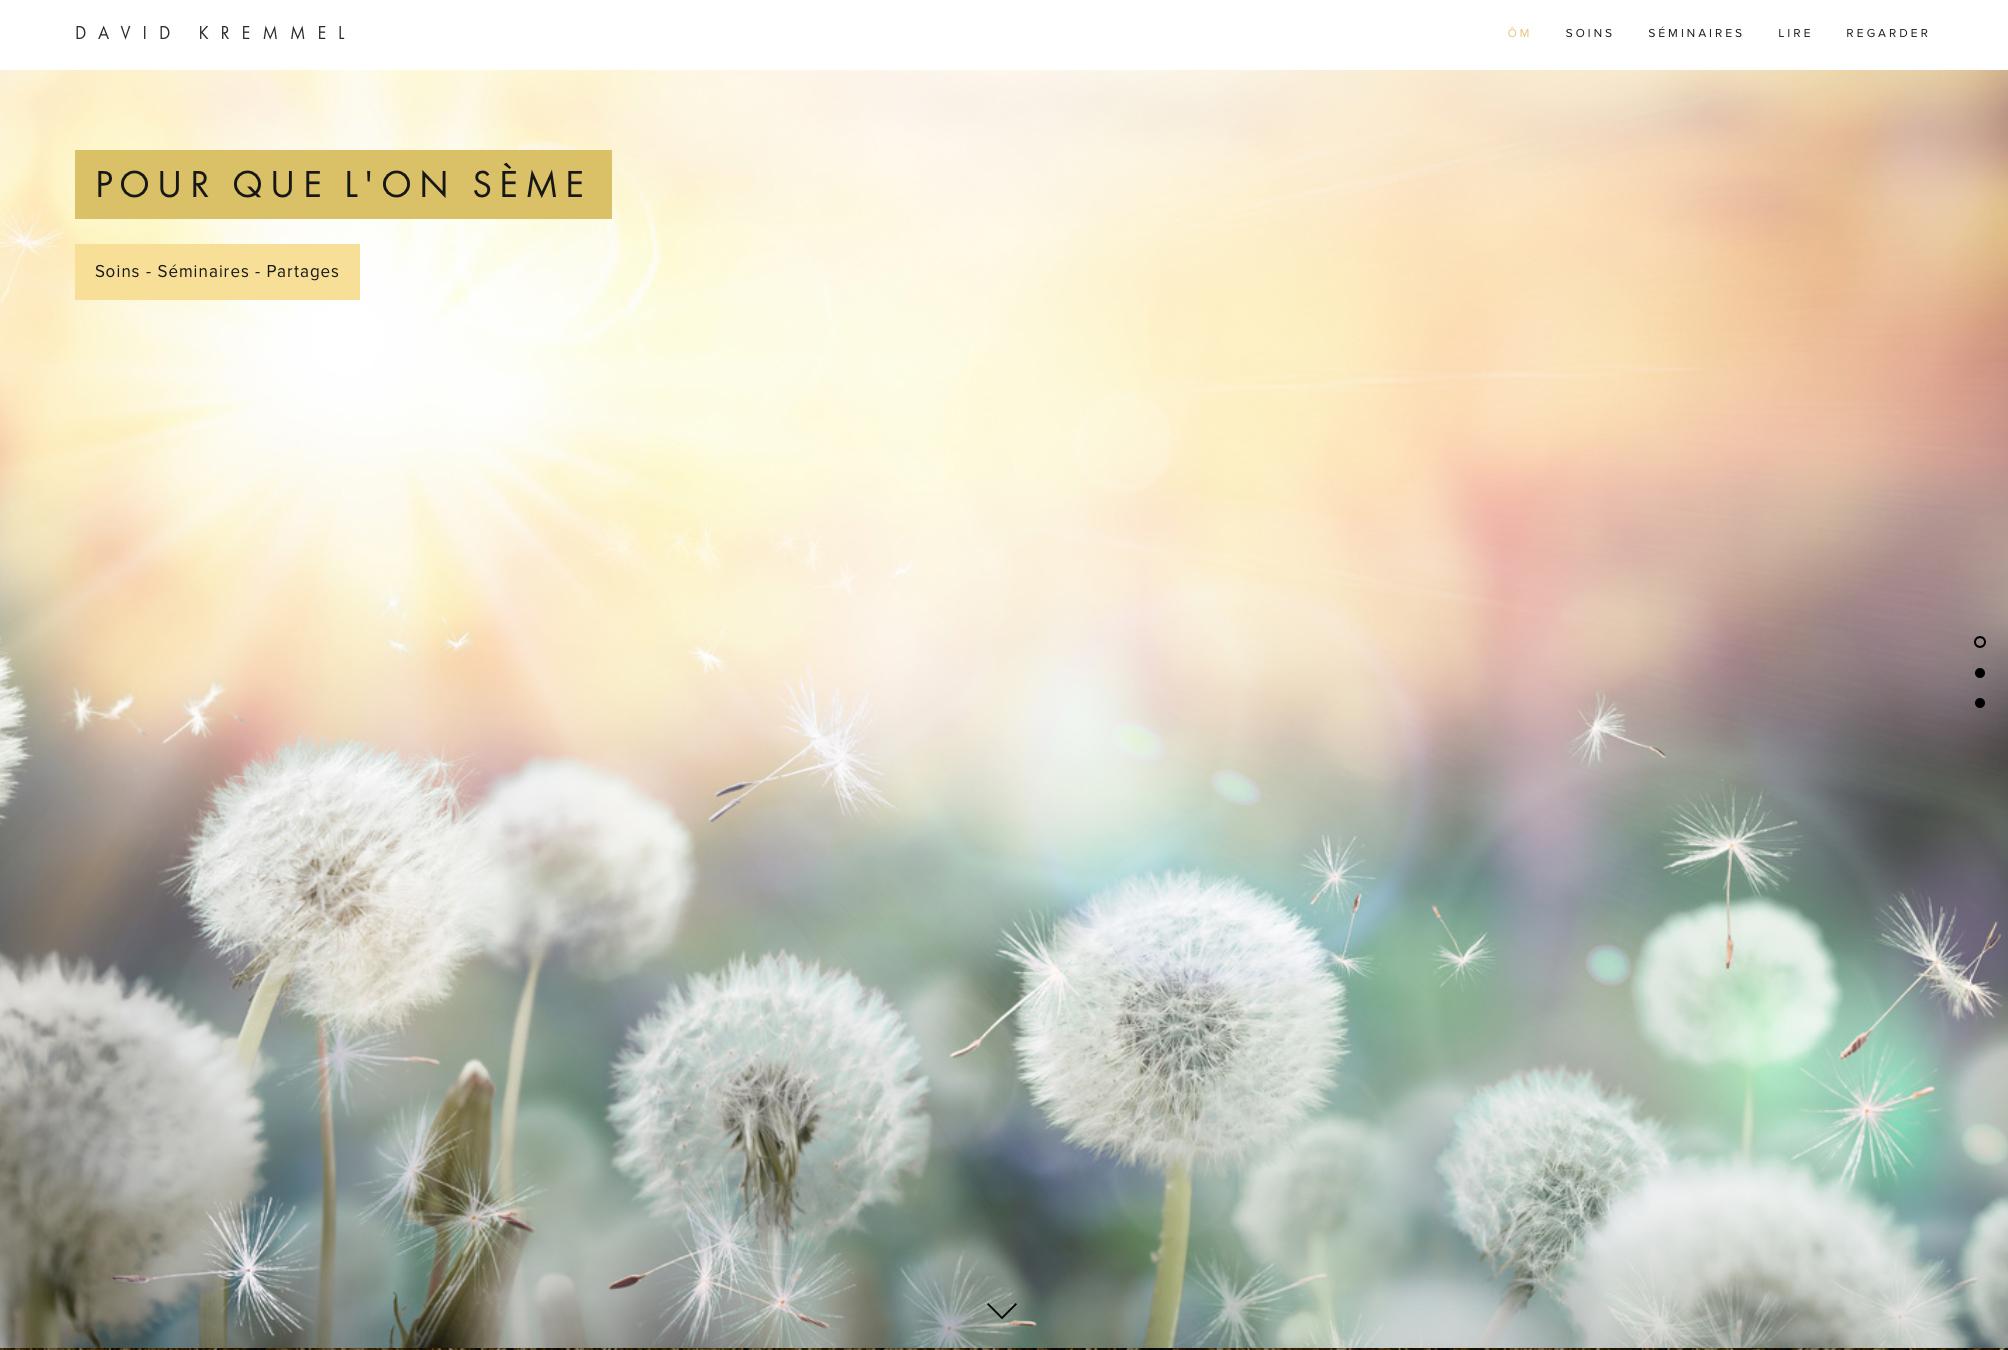 Site Internet - Newsletter -  Pour que l'on sème - Soins Esséniens